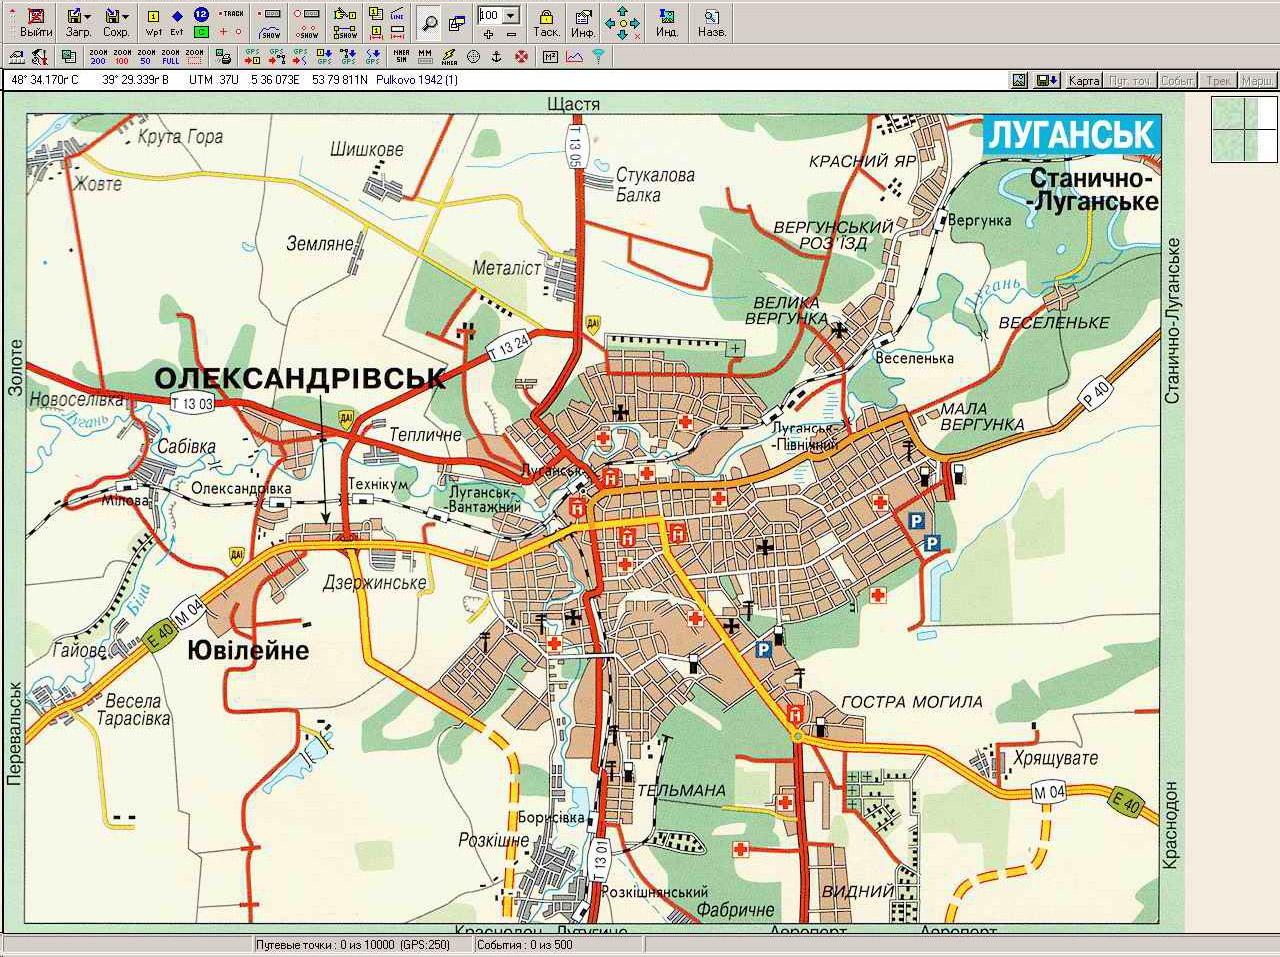 скачать карту для навигатора украины бесплатно